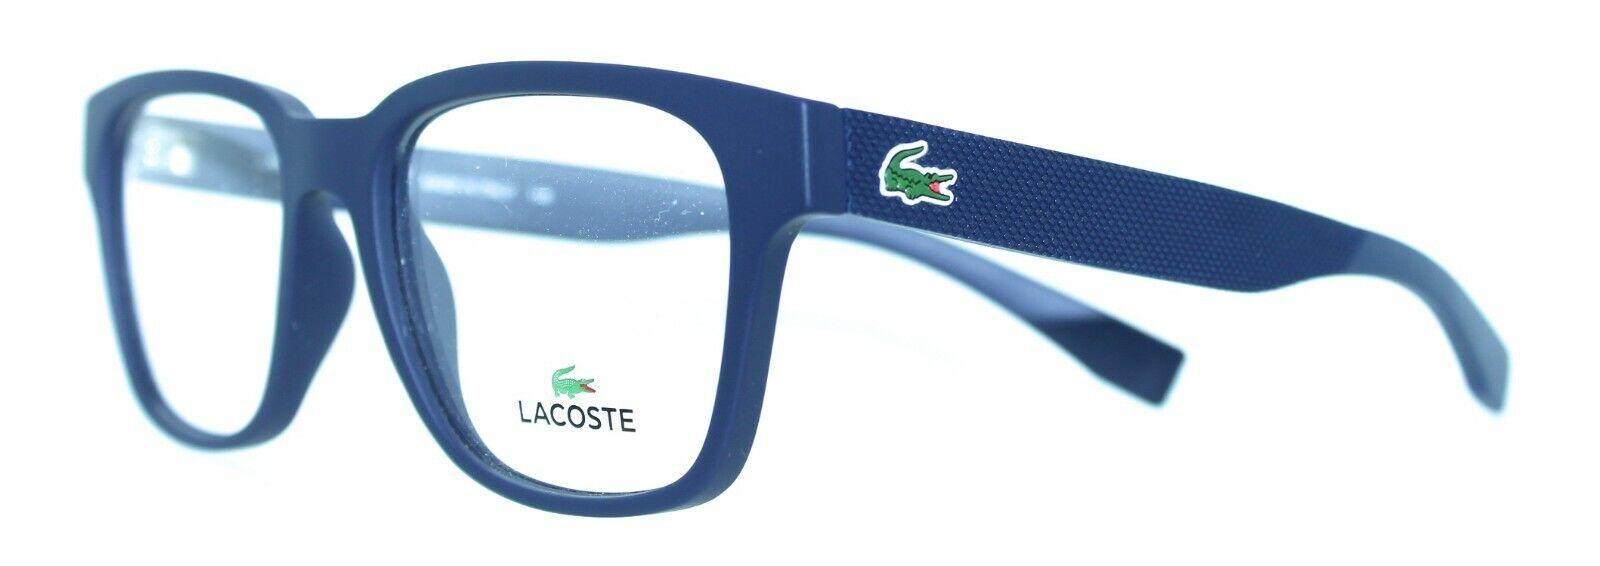 LACOSTE - L2794 424 52/17 - MATTE BLUE - NEW Authentic MEN D